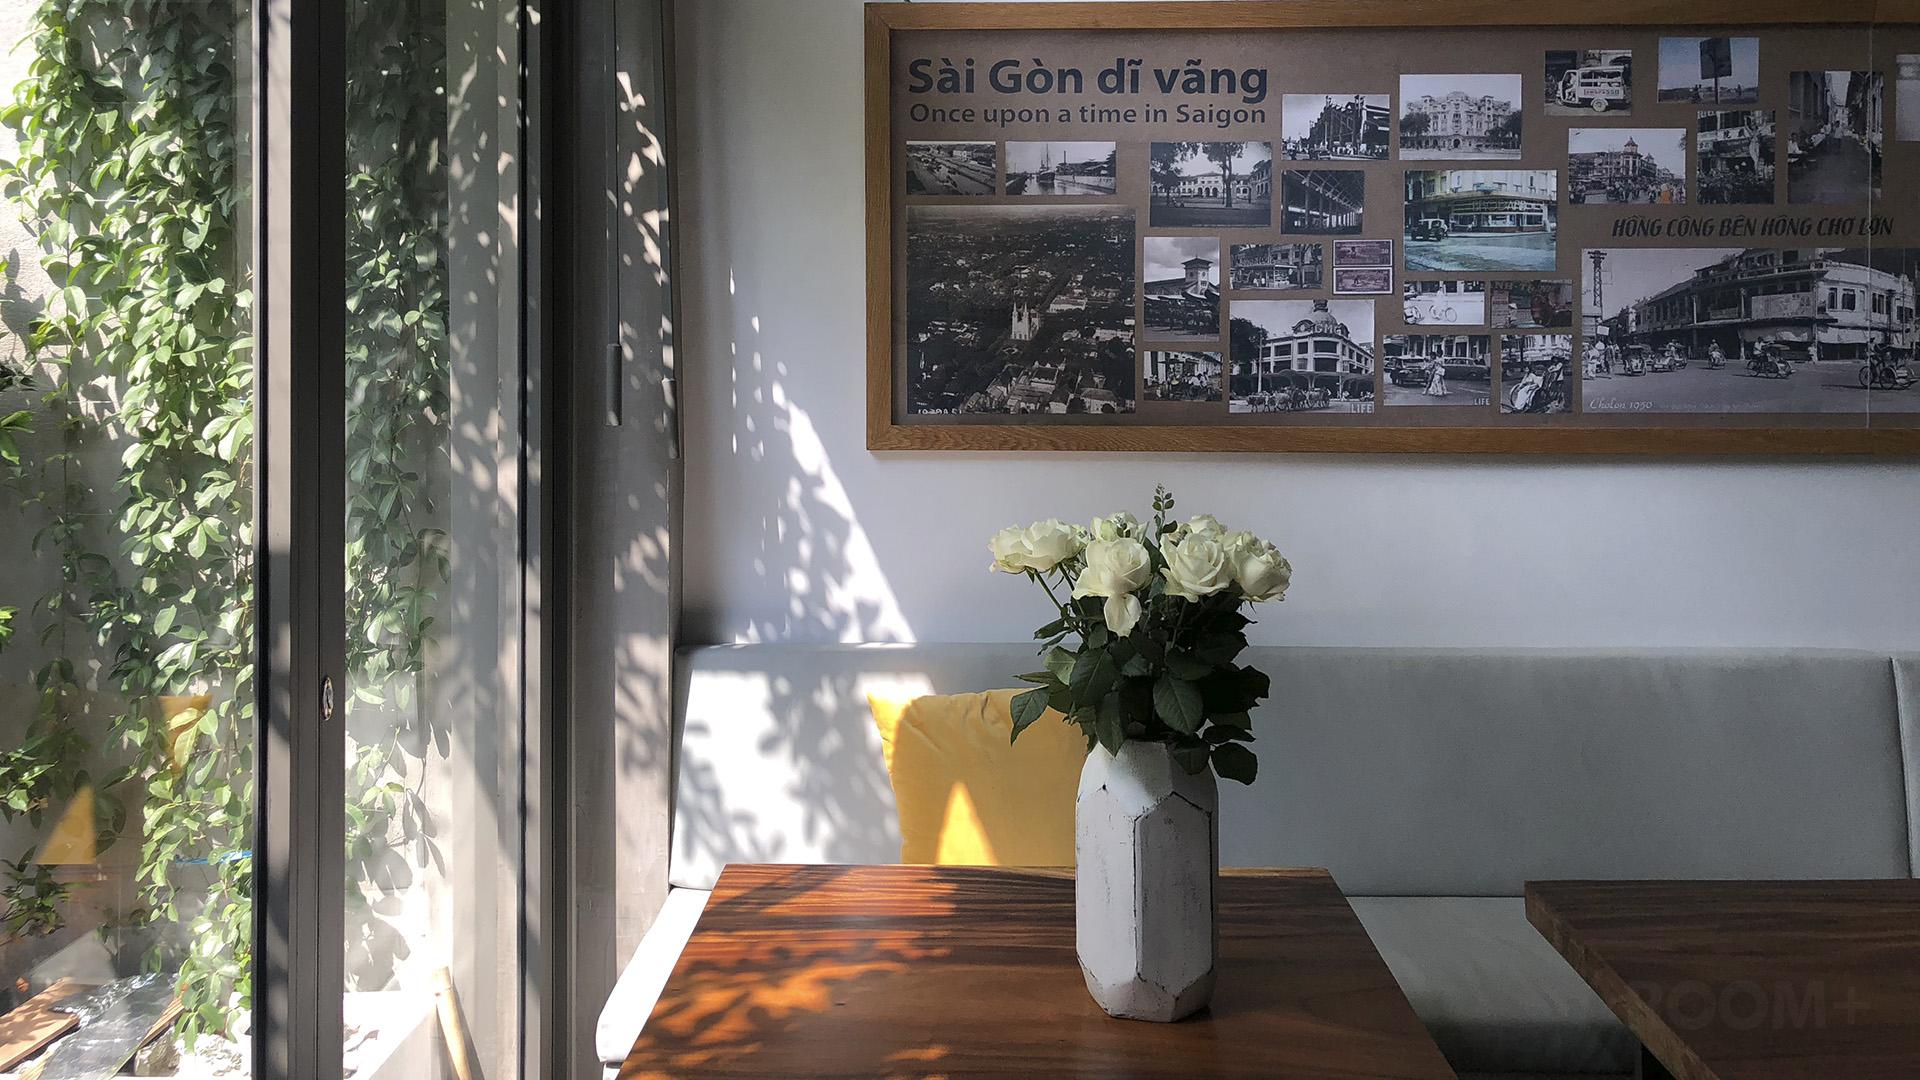 WorkinSaigon Cafe (4)